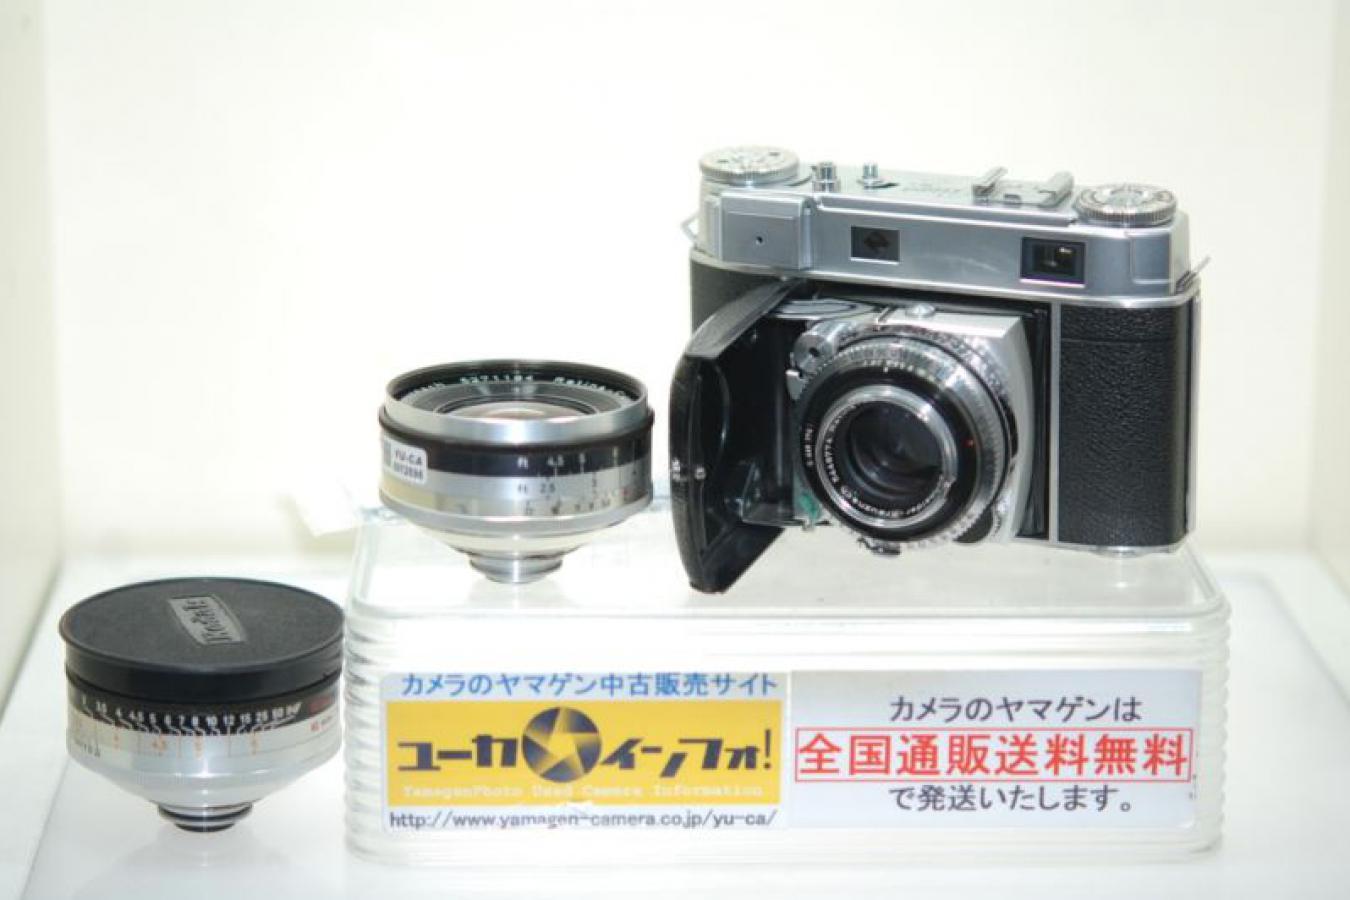 コダック レチナ IIIc 小窓 レンズ3本セット OH済 【クセノン35/4、50/2、80/4付】